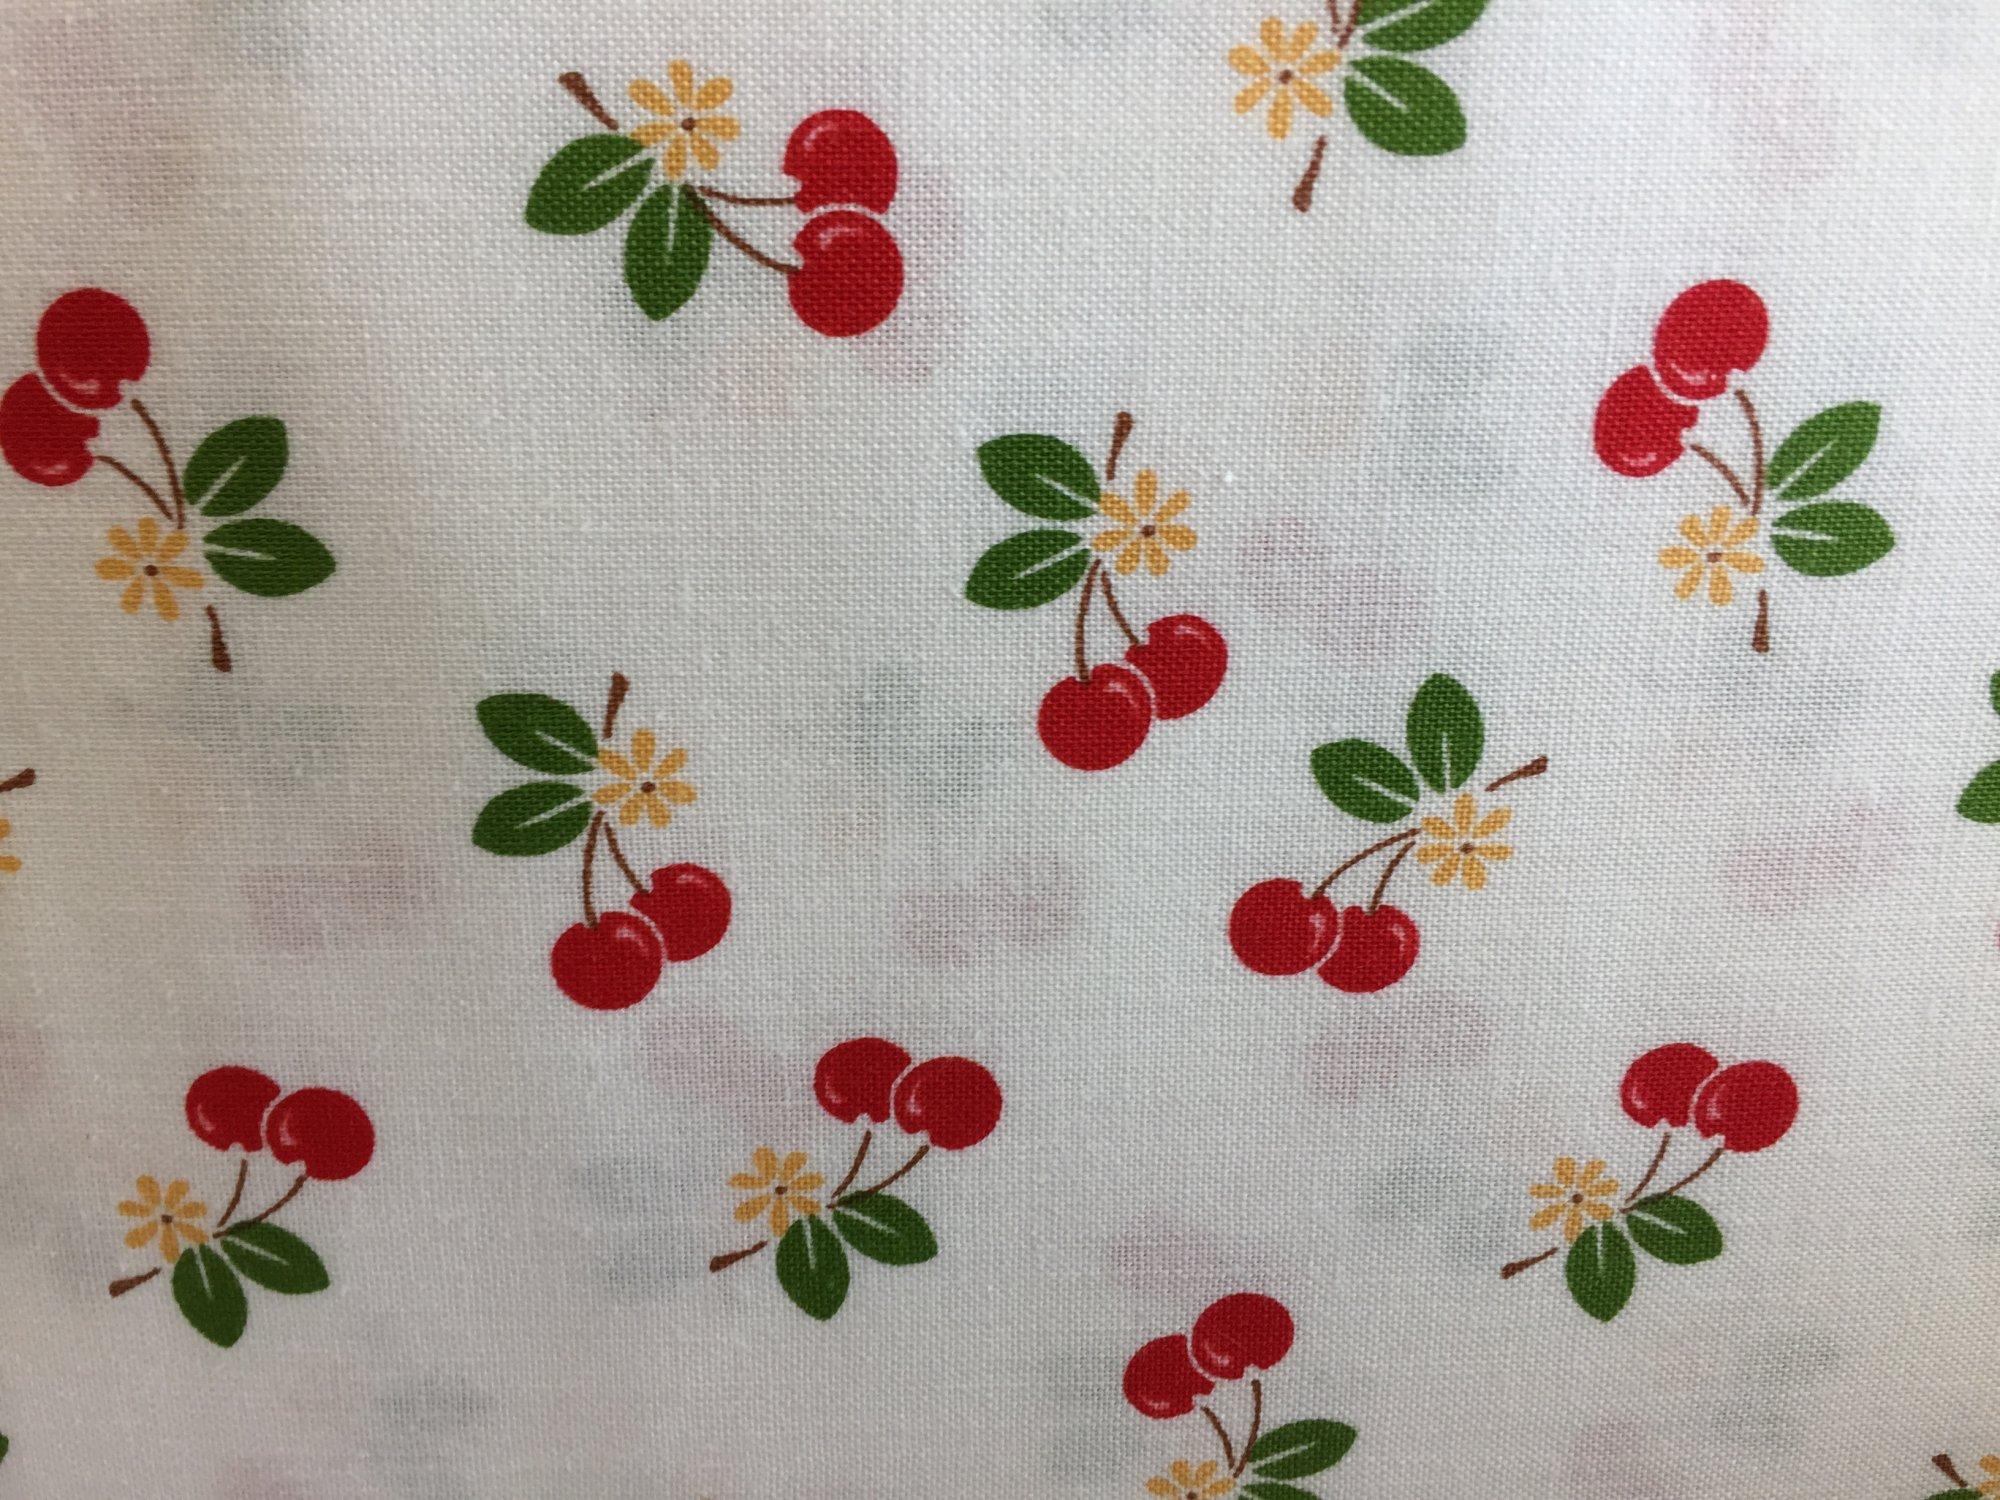 Sew Cherry 2 White Cherries